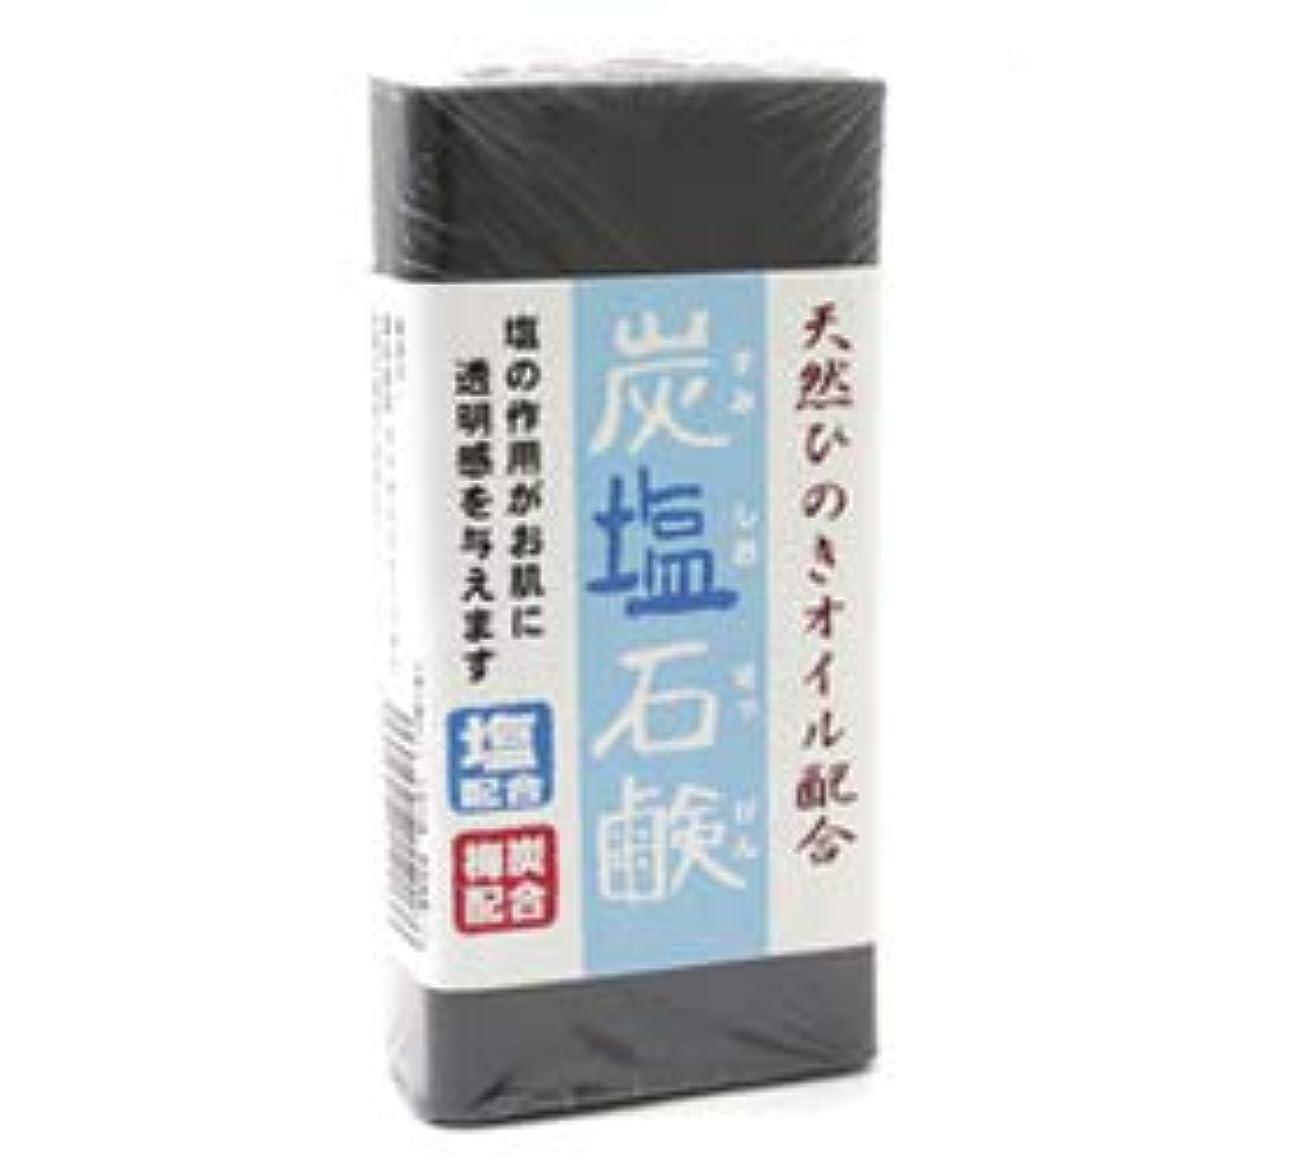 たくさん硬さ面白い炭塩石鹸 ロングサイズ 【 天然ひのきオイル配合】